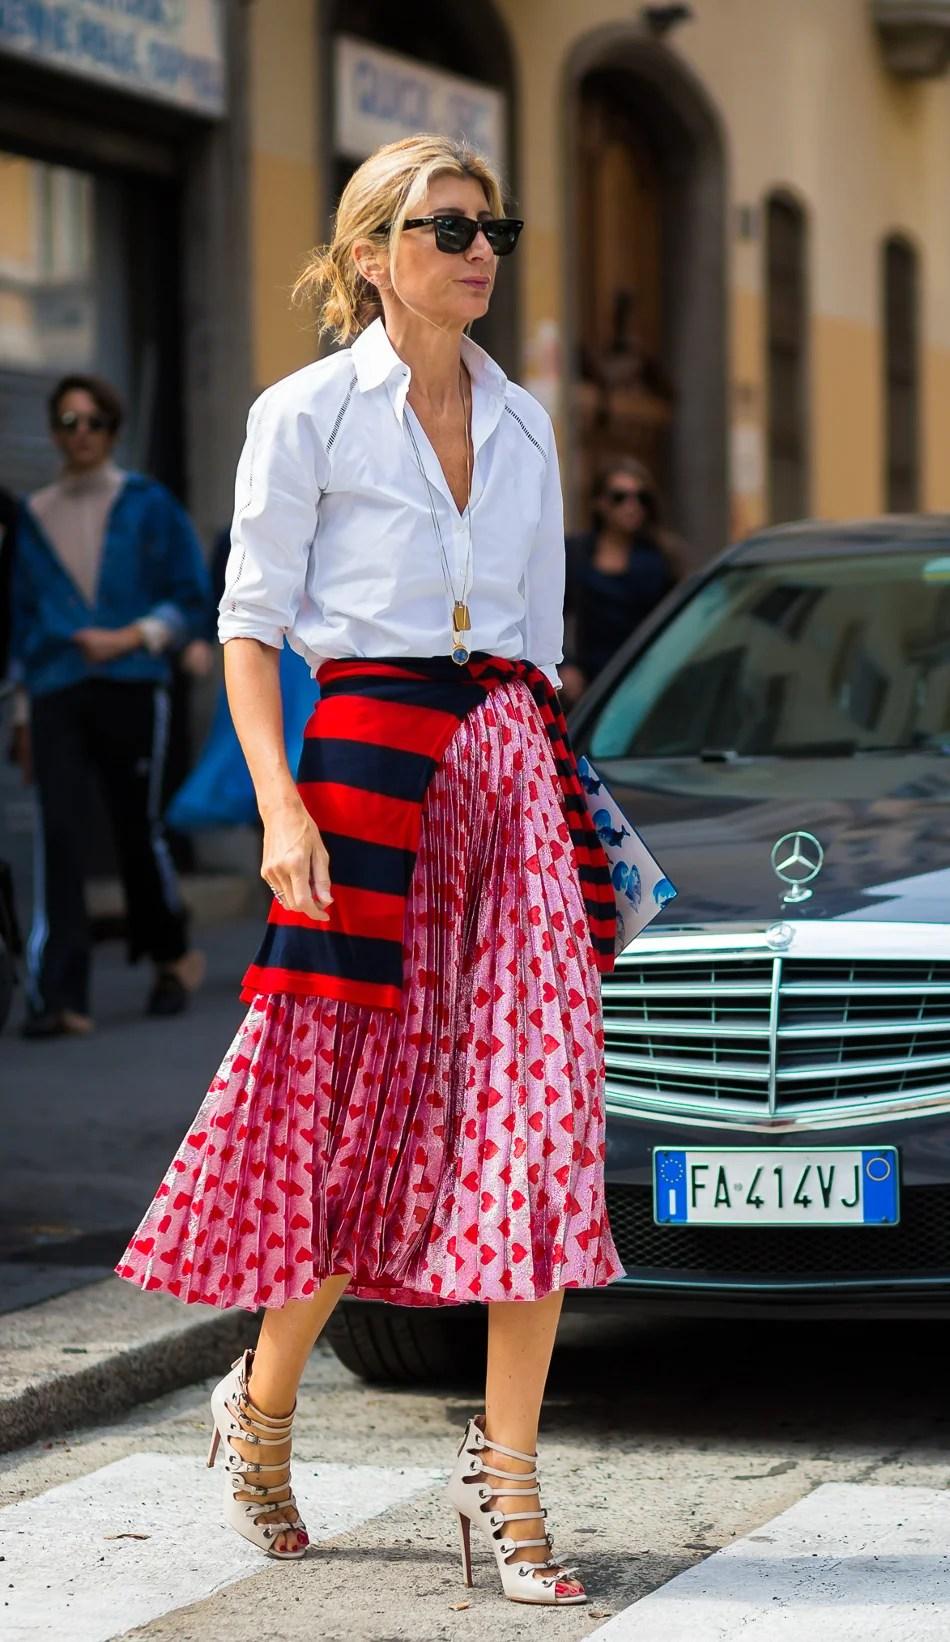 Foto de street style mostrando como usar a saia de gala no dia a dia com camisa social.